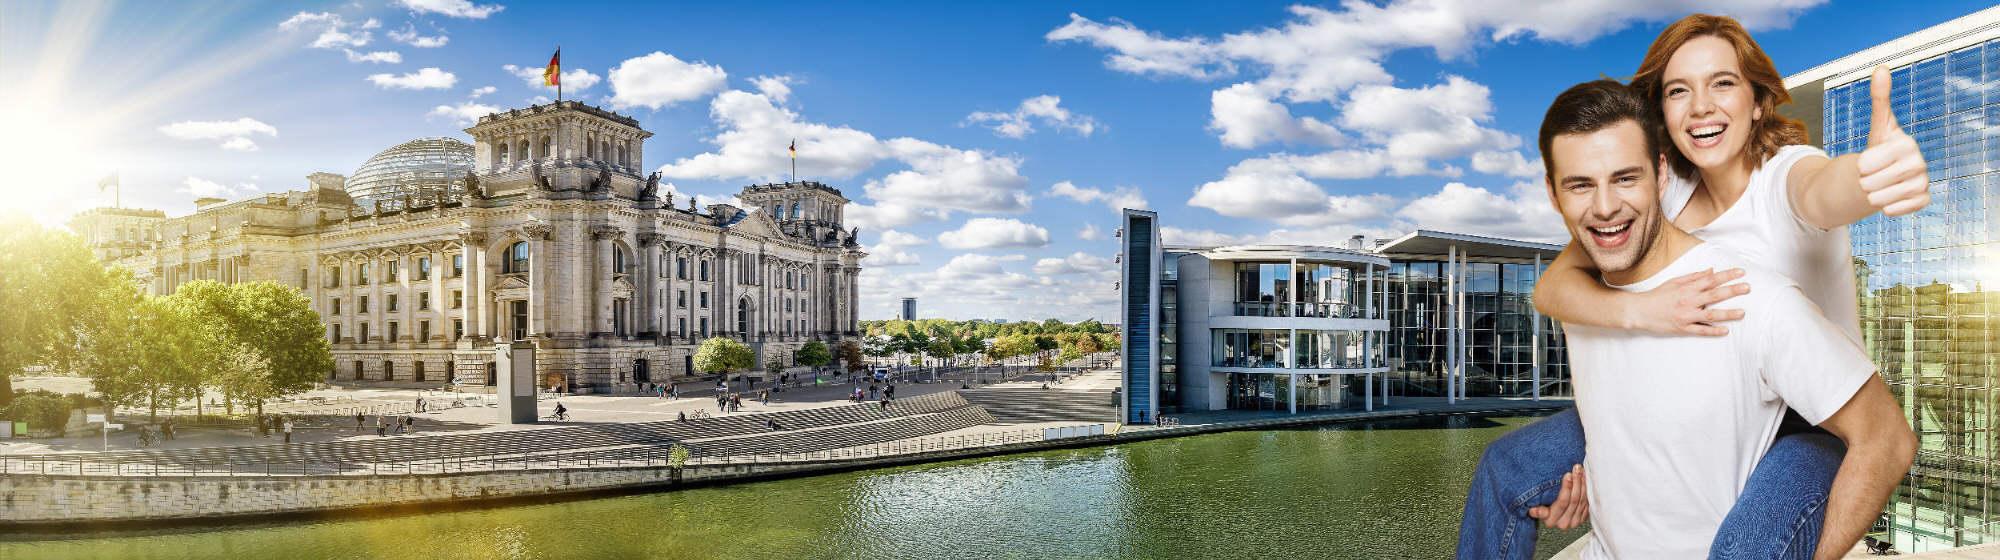 Sie wollen Berlin fühlen und entdecken?